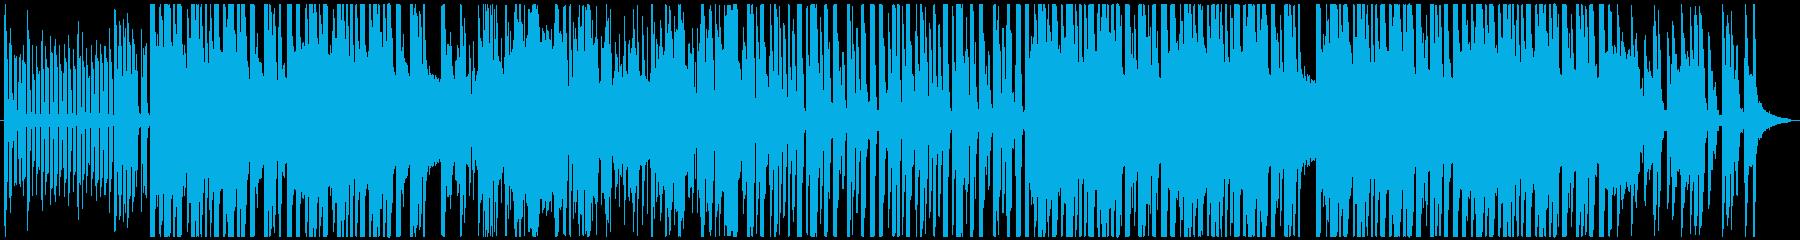 ダブスッテプ トラップ ヒップホッ...の再生済みの波形